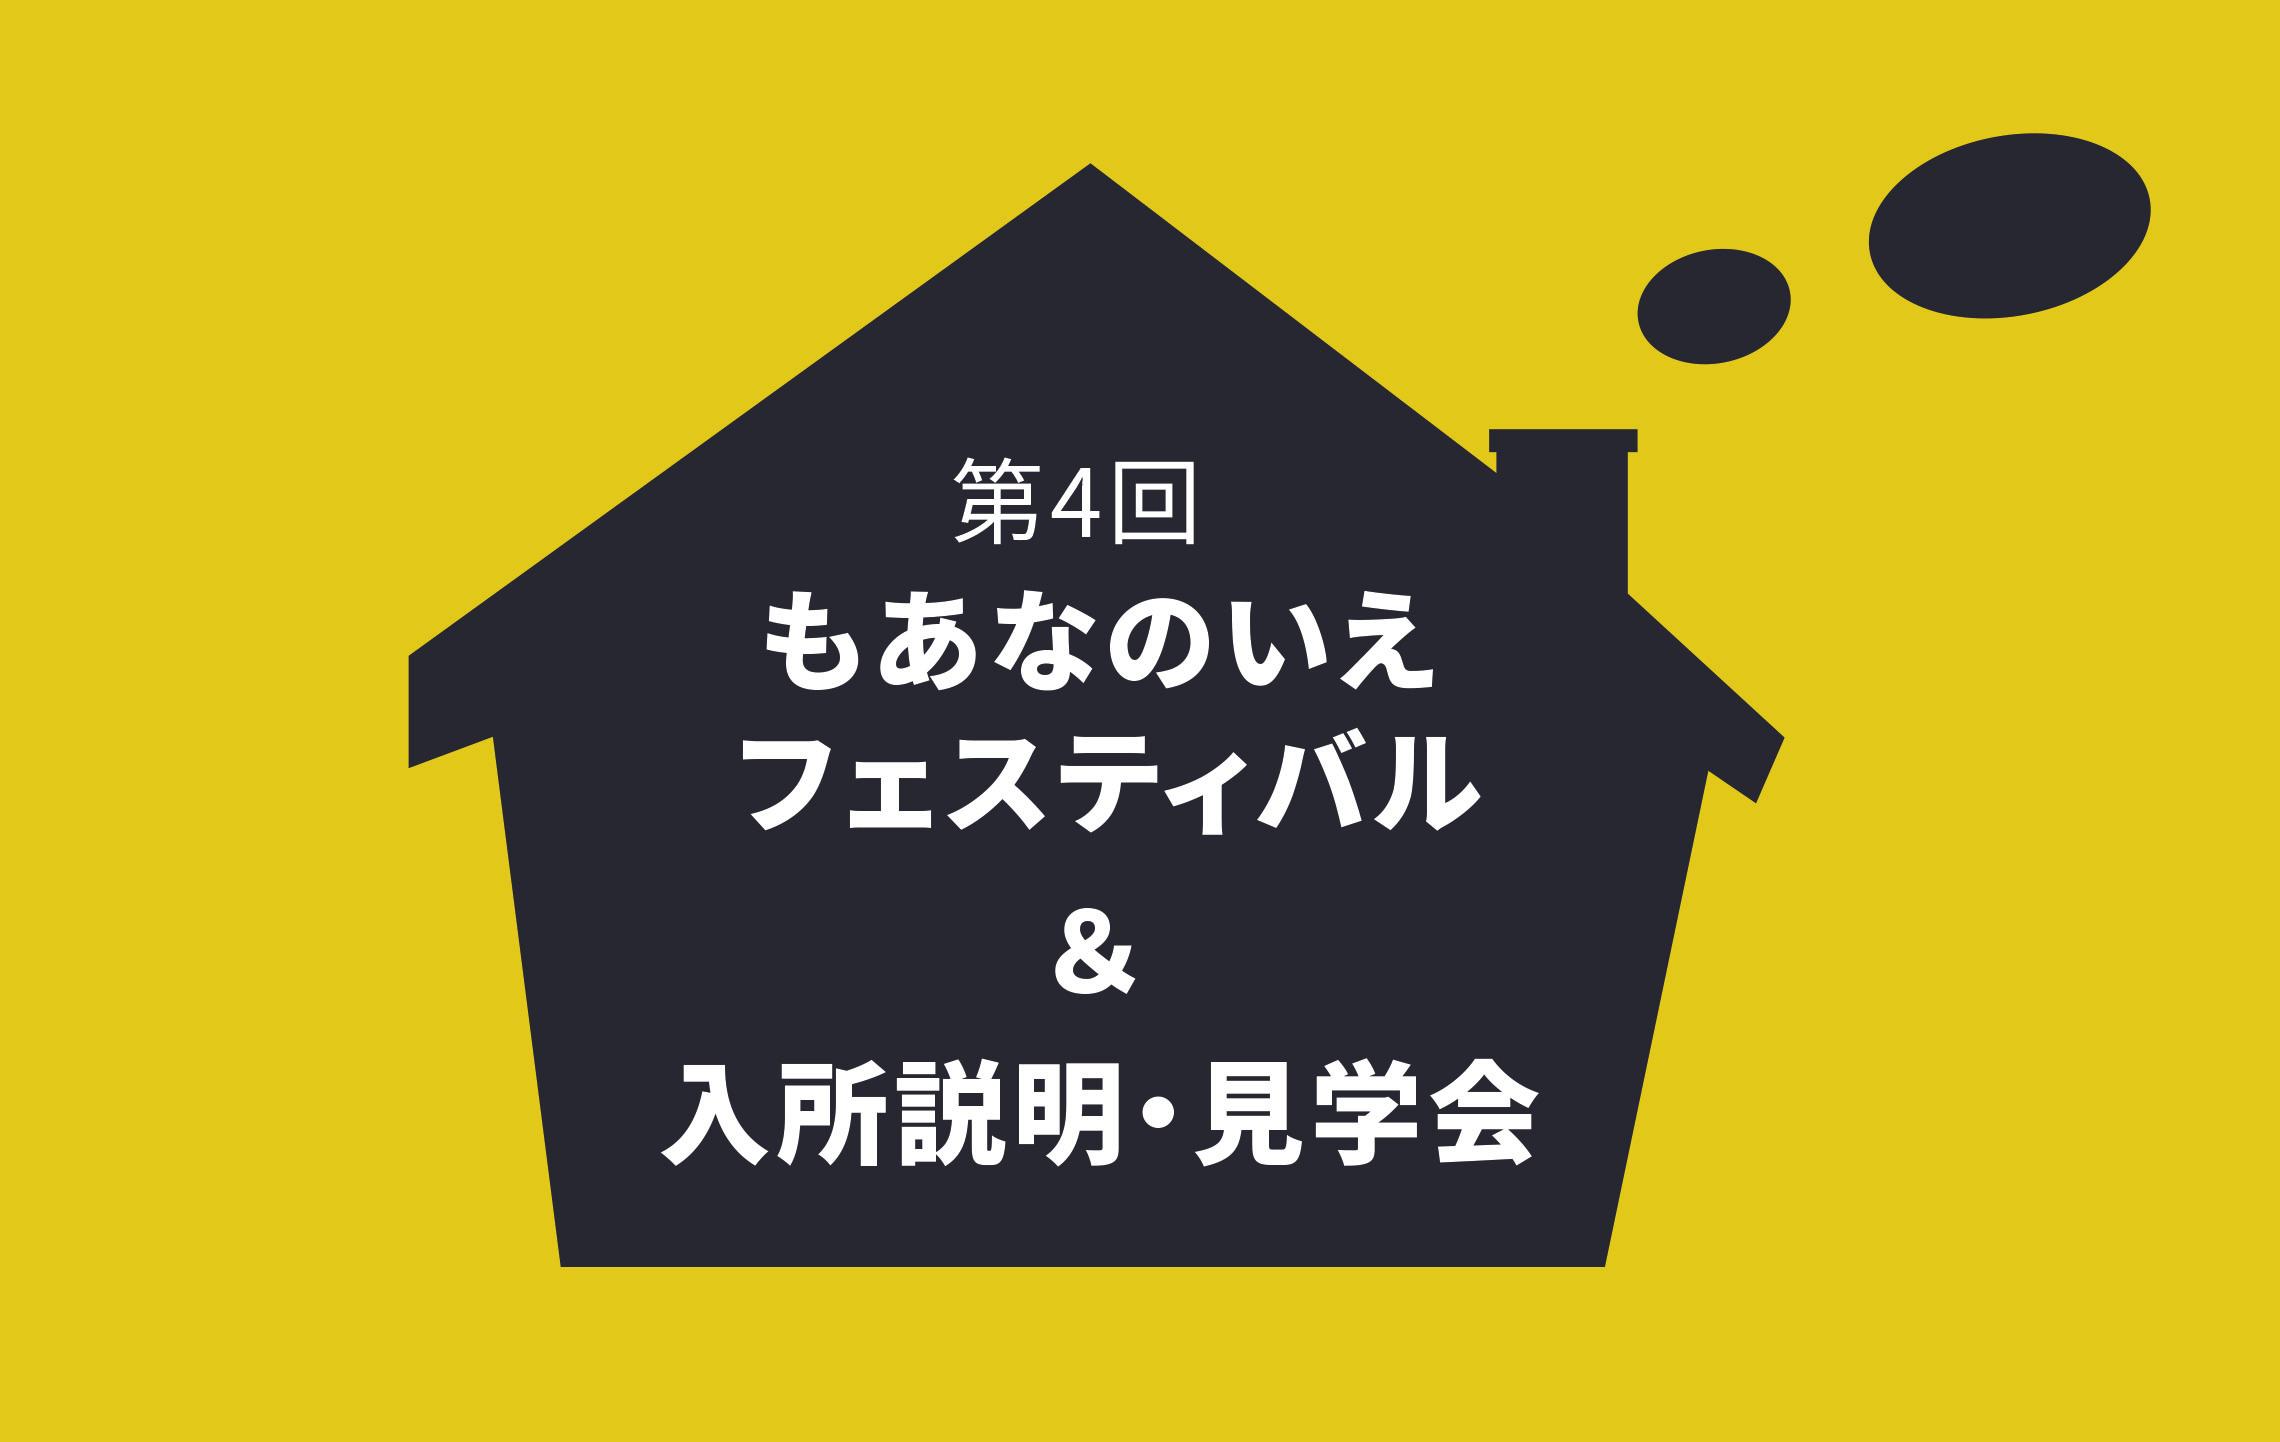 11/19(日) もあなのいえフェスティバル開催